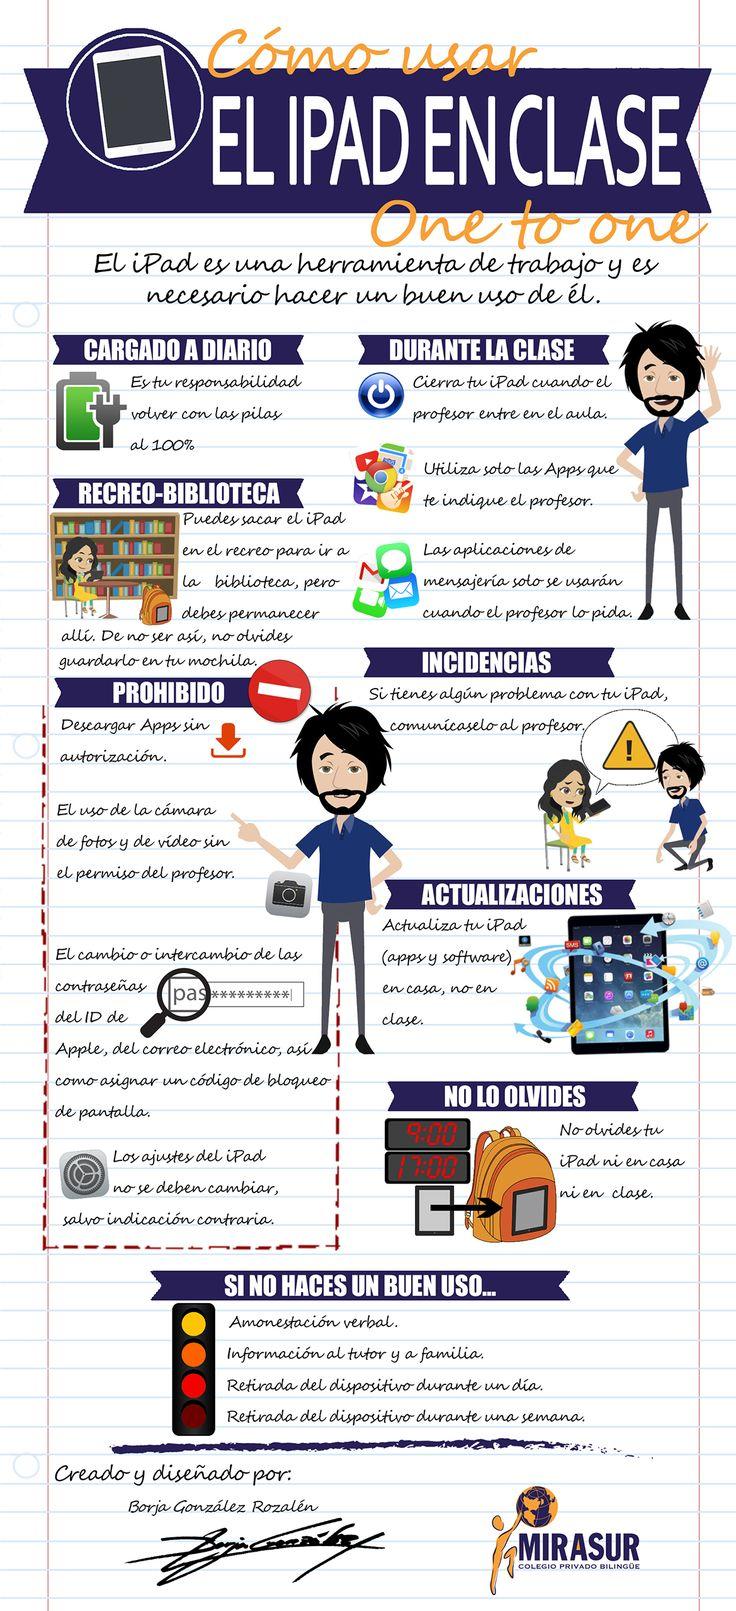 La utilización de una herramienta como el iPad en clases con metodologías activas como el trabajo cooperativo y el trabajo por proyectos supone un plus que incentiva la competencia digital, la creatividad, la autonomía y la responsabilidad de cada alumno con su propio aprendizaje. En este proceso,el profesor actúa como un guía y